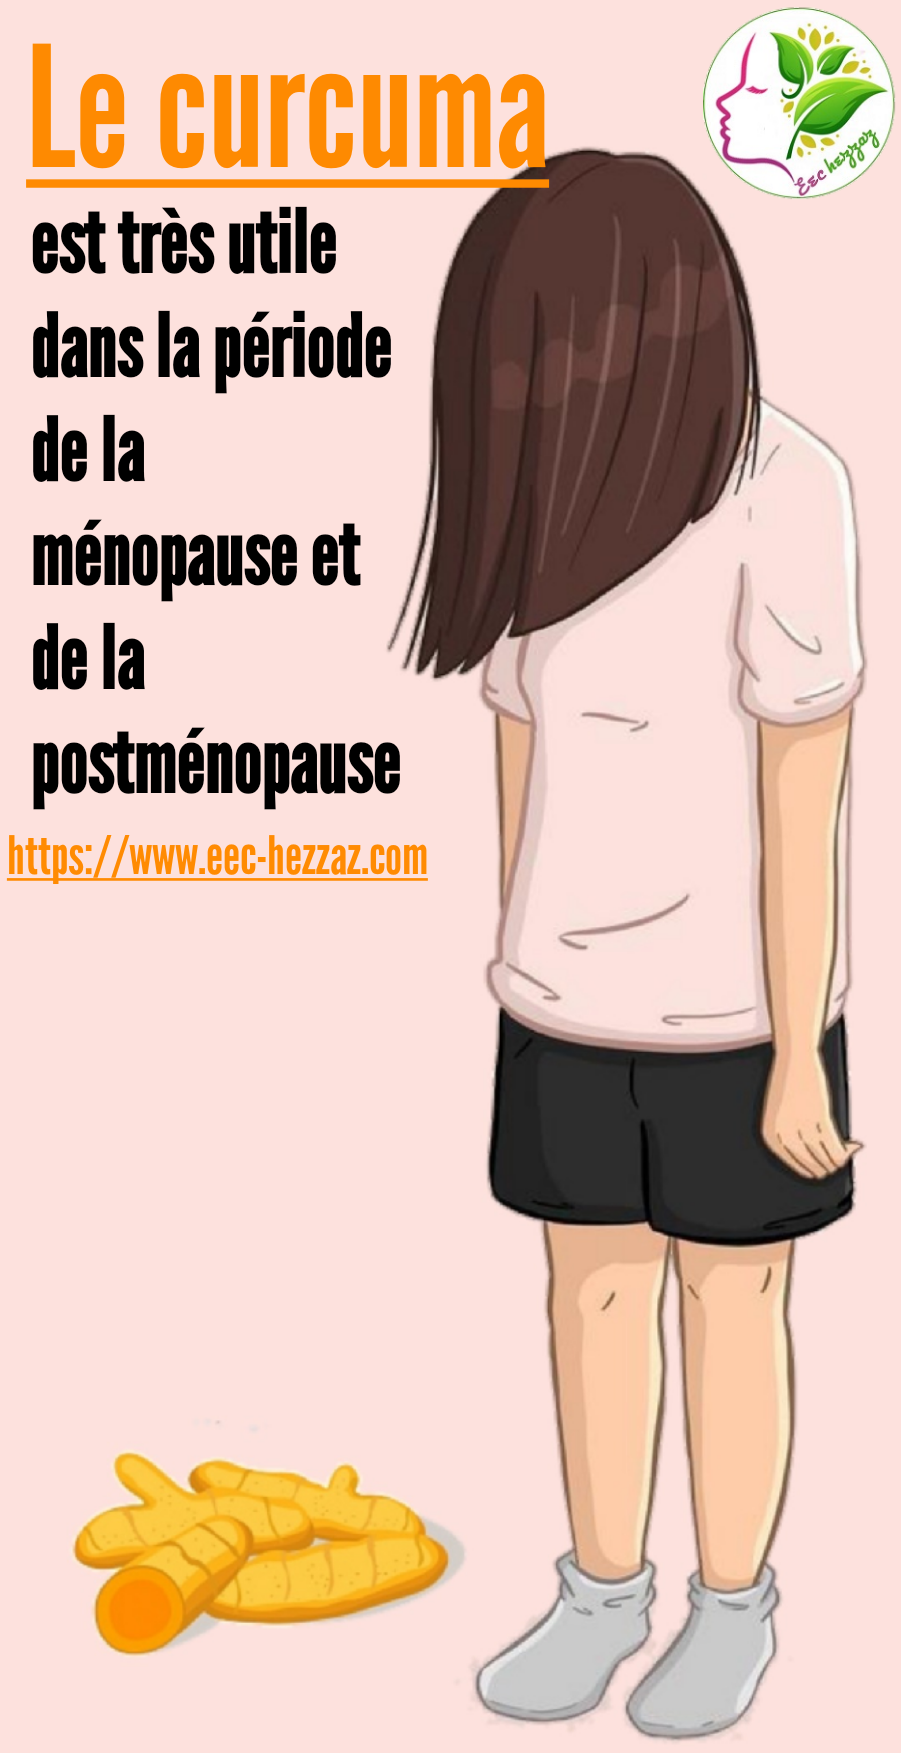 Le curcuma est très utile dans la période de la ménopause et de la postménopause